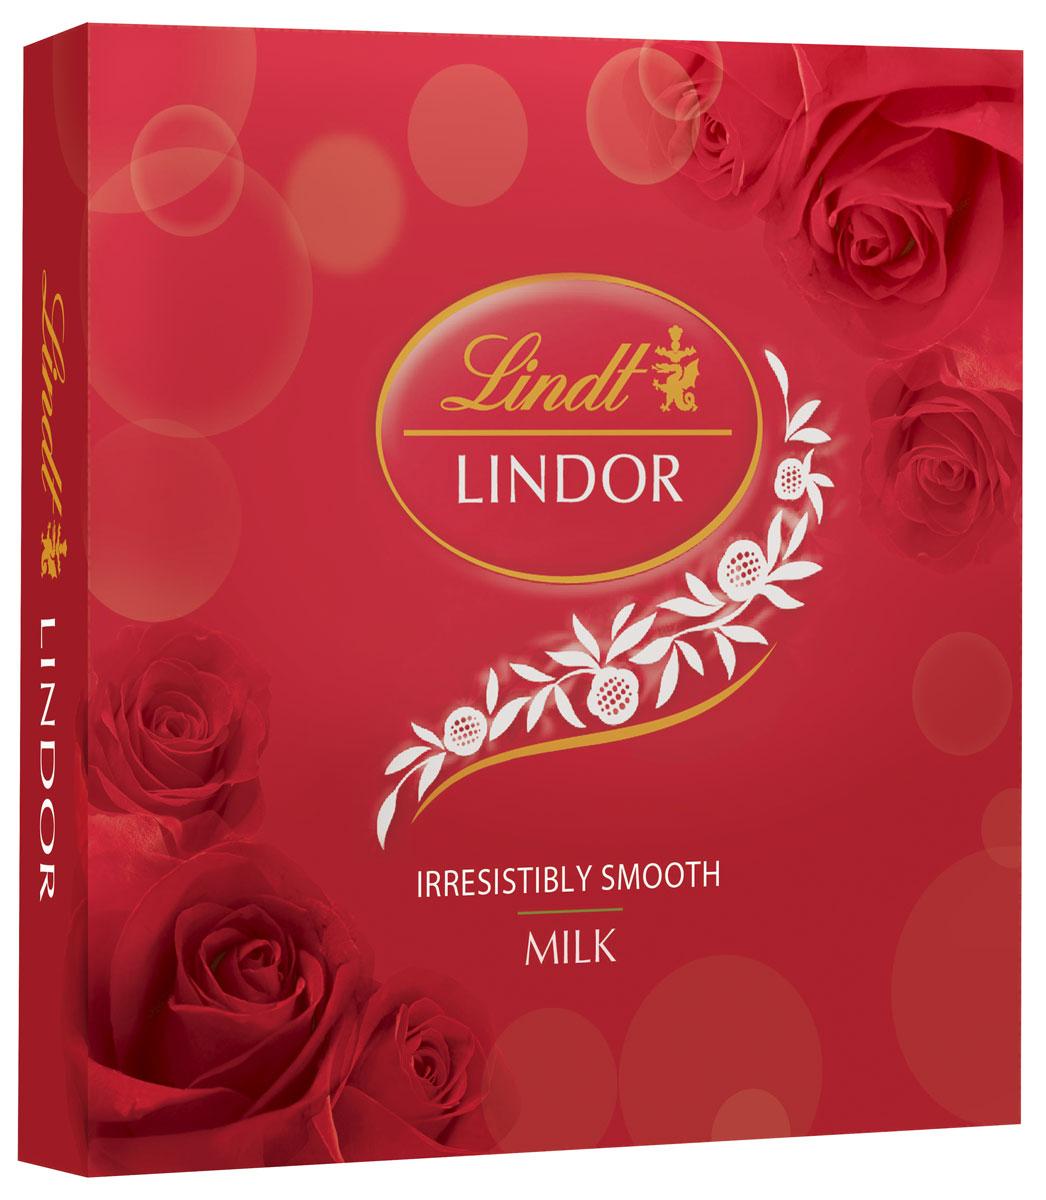 Lindt Линдор Конфеты из молочного шоколада, 125 г5060295130016Конфеты из молочного шоколада с нежной, тающей начинкой.